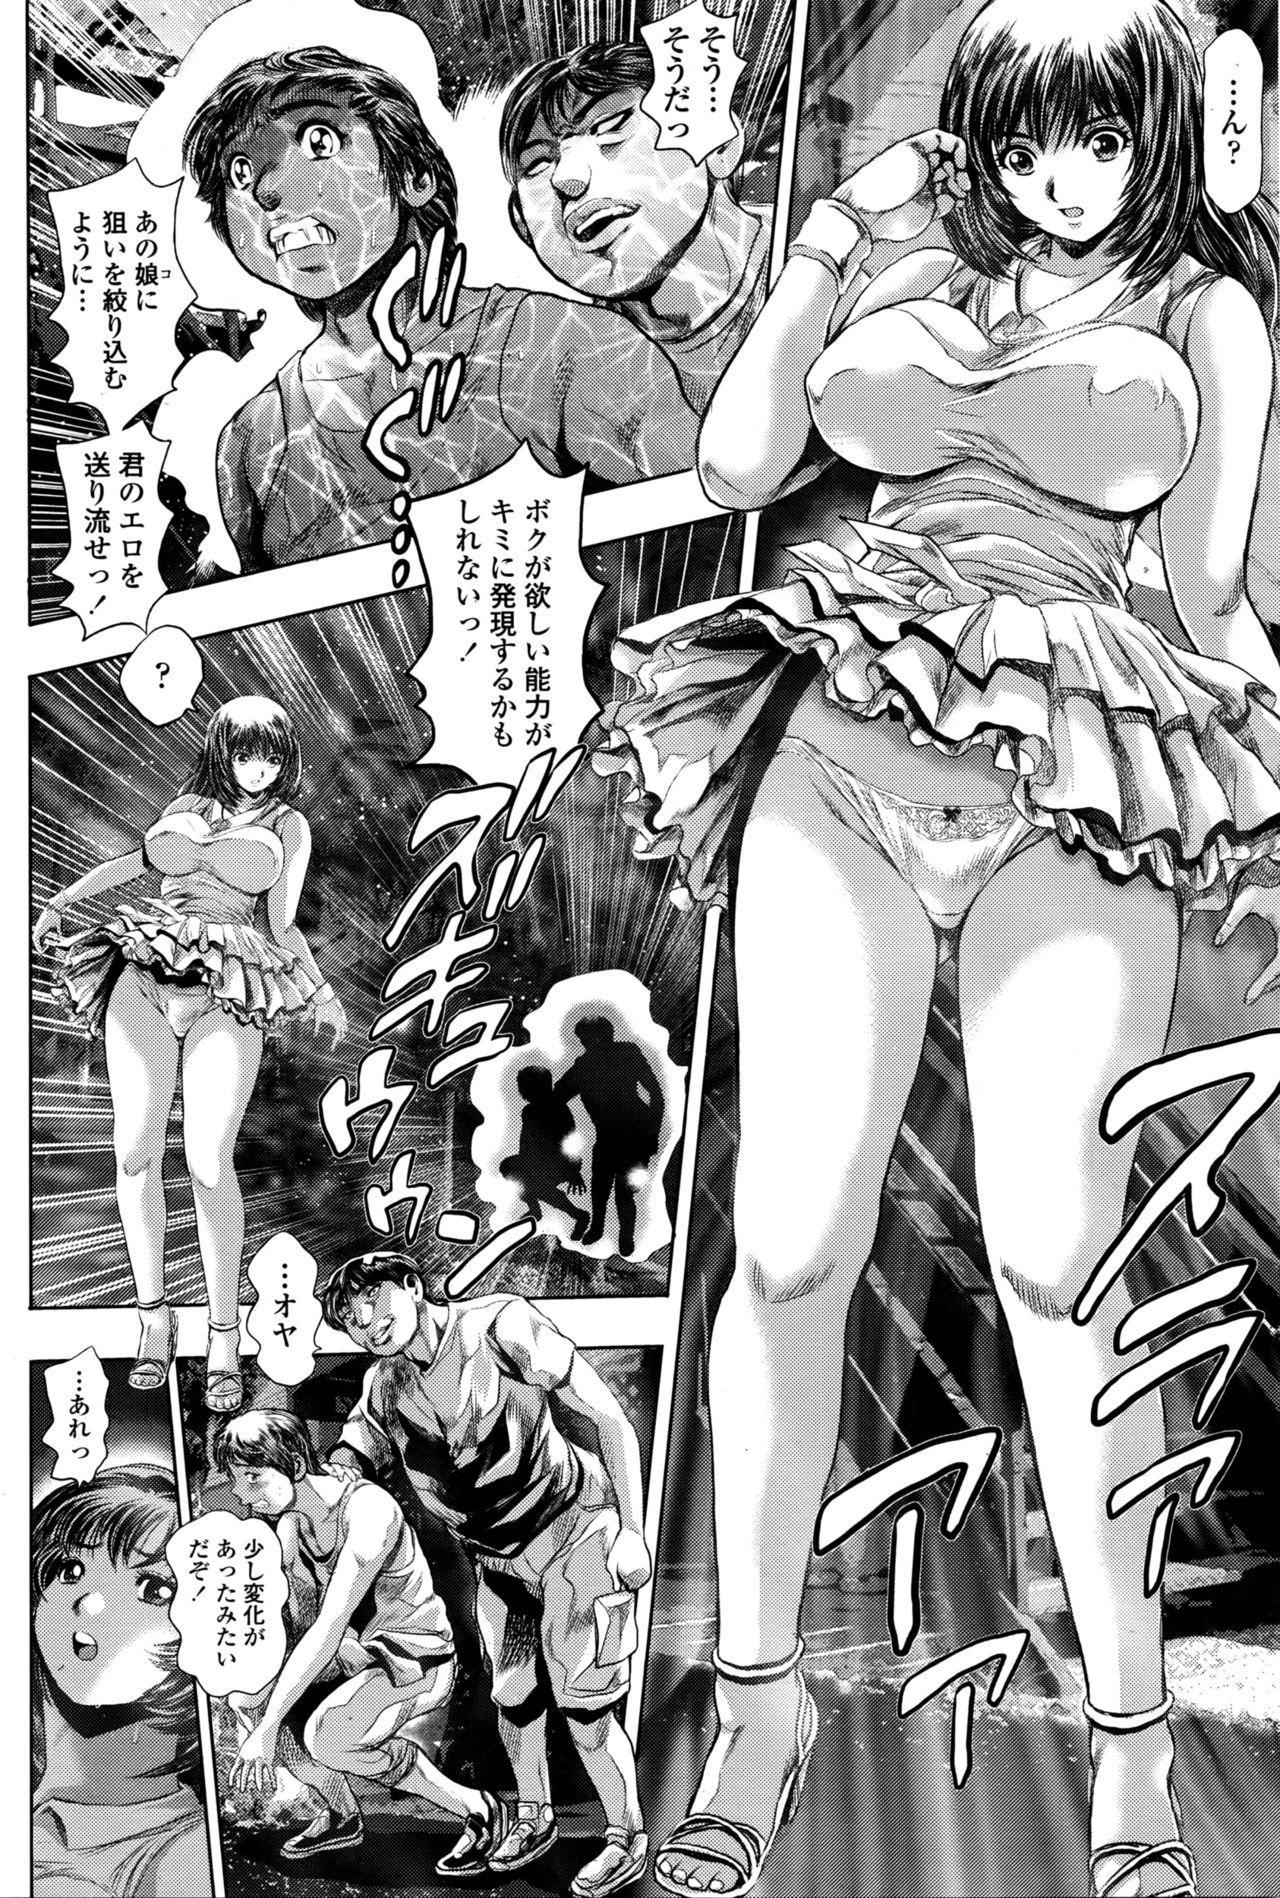 Keiko no Iru Machi S Ch. 1-10 5